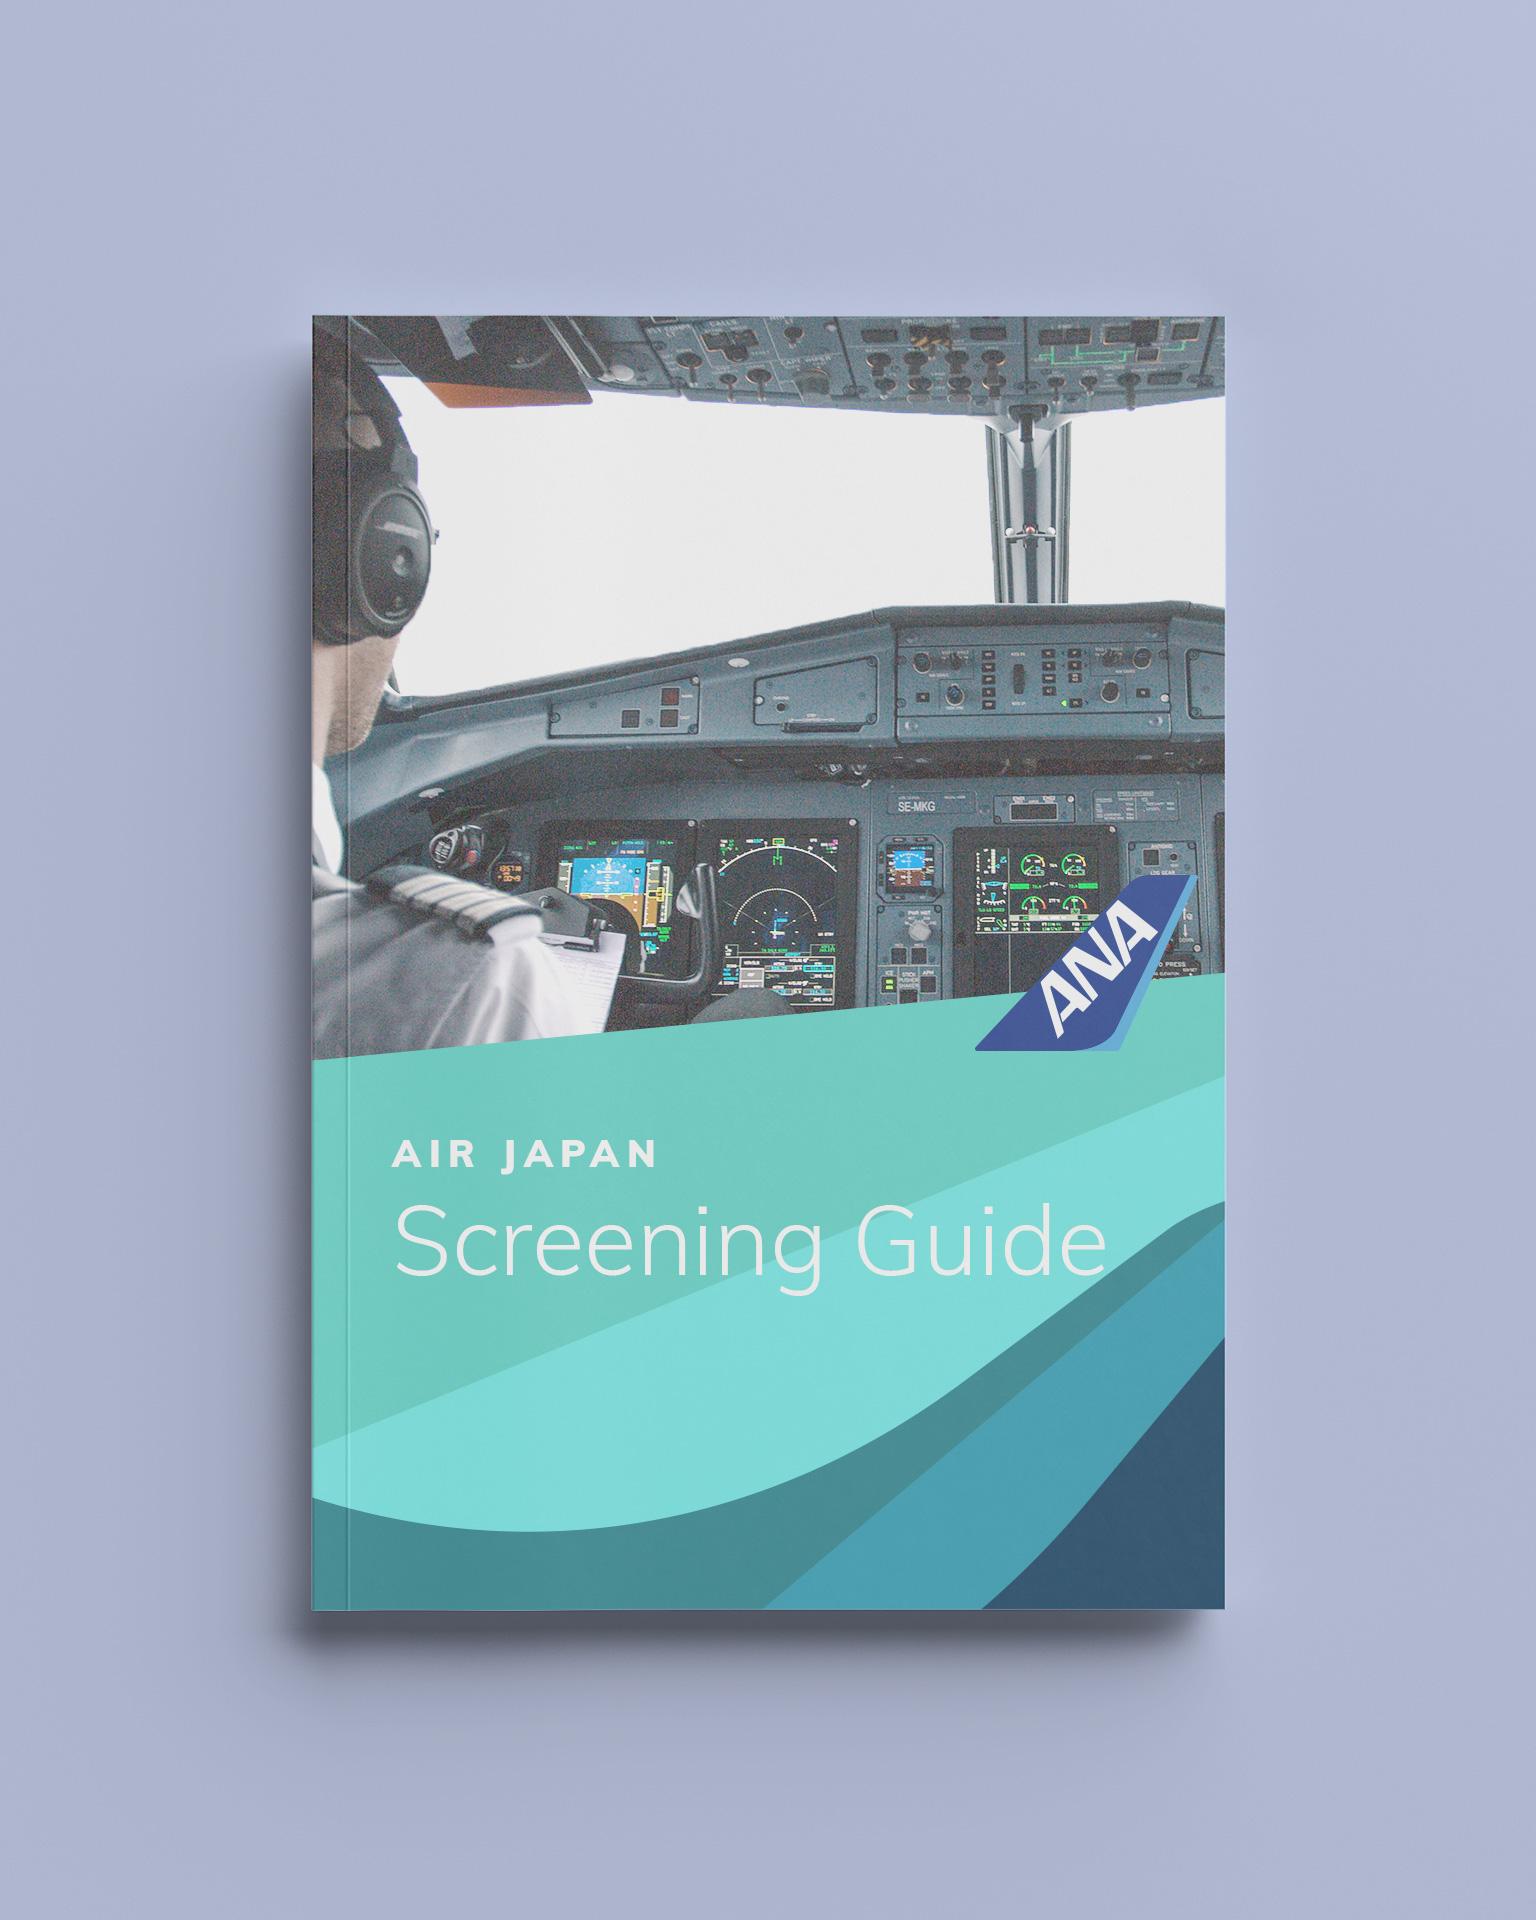 Air Japan Screening Guide